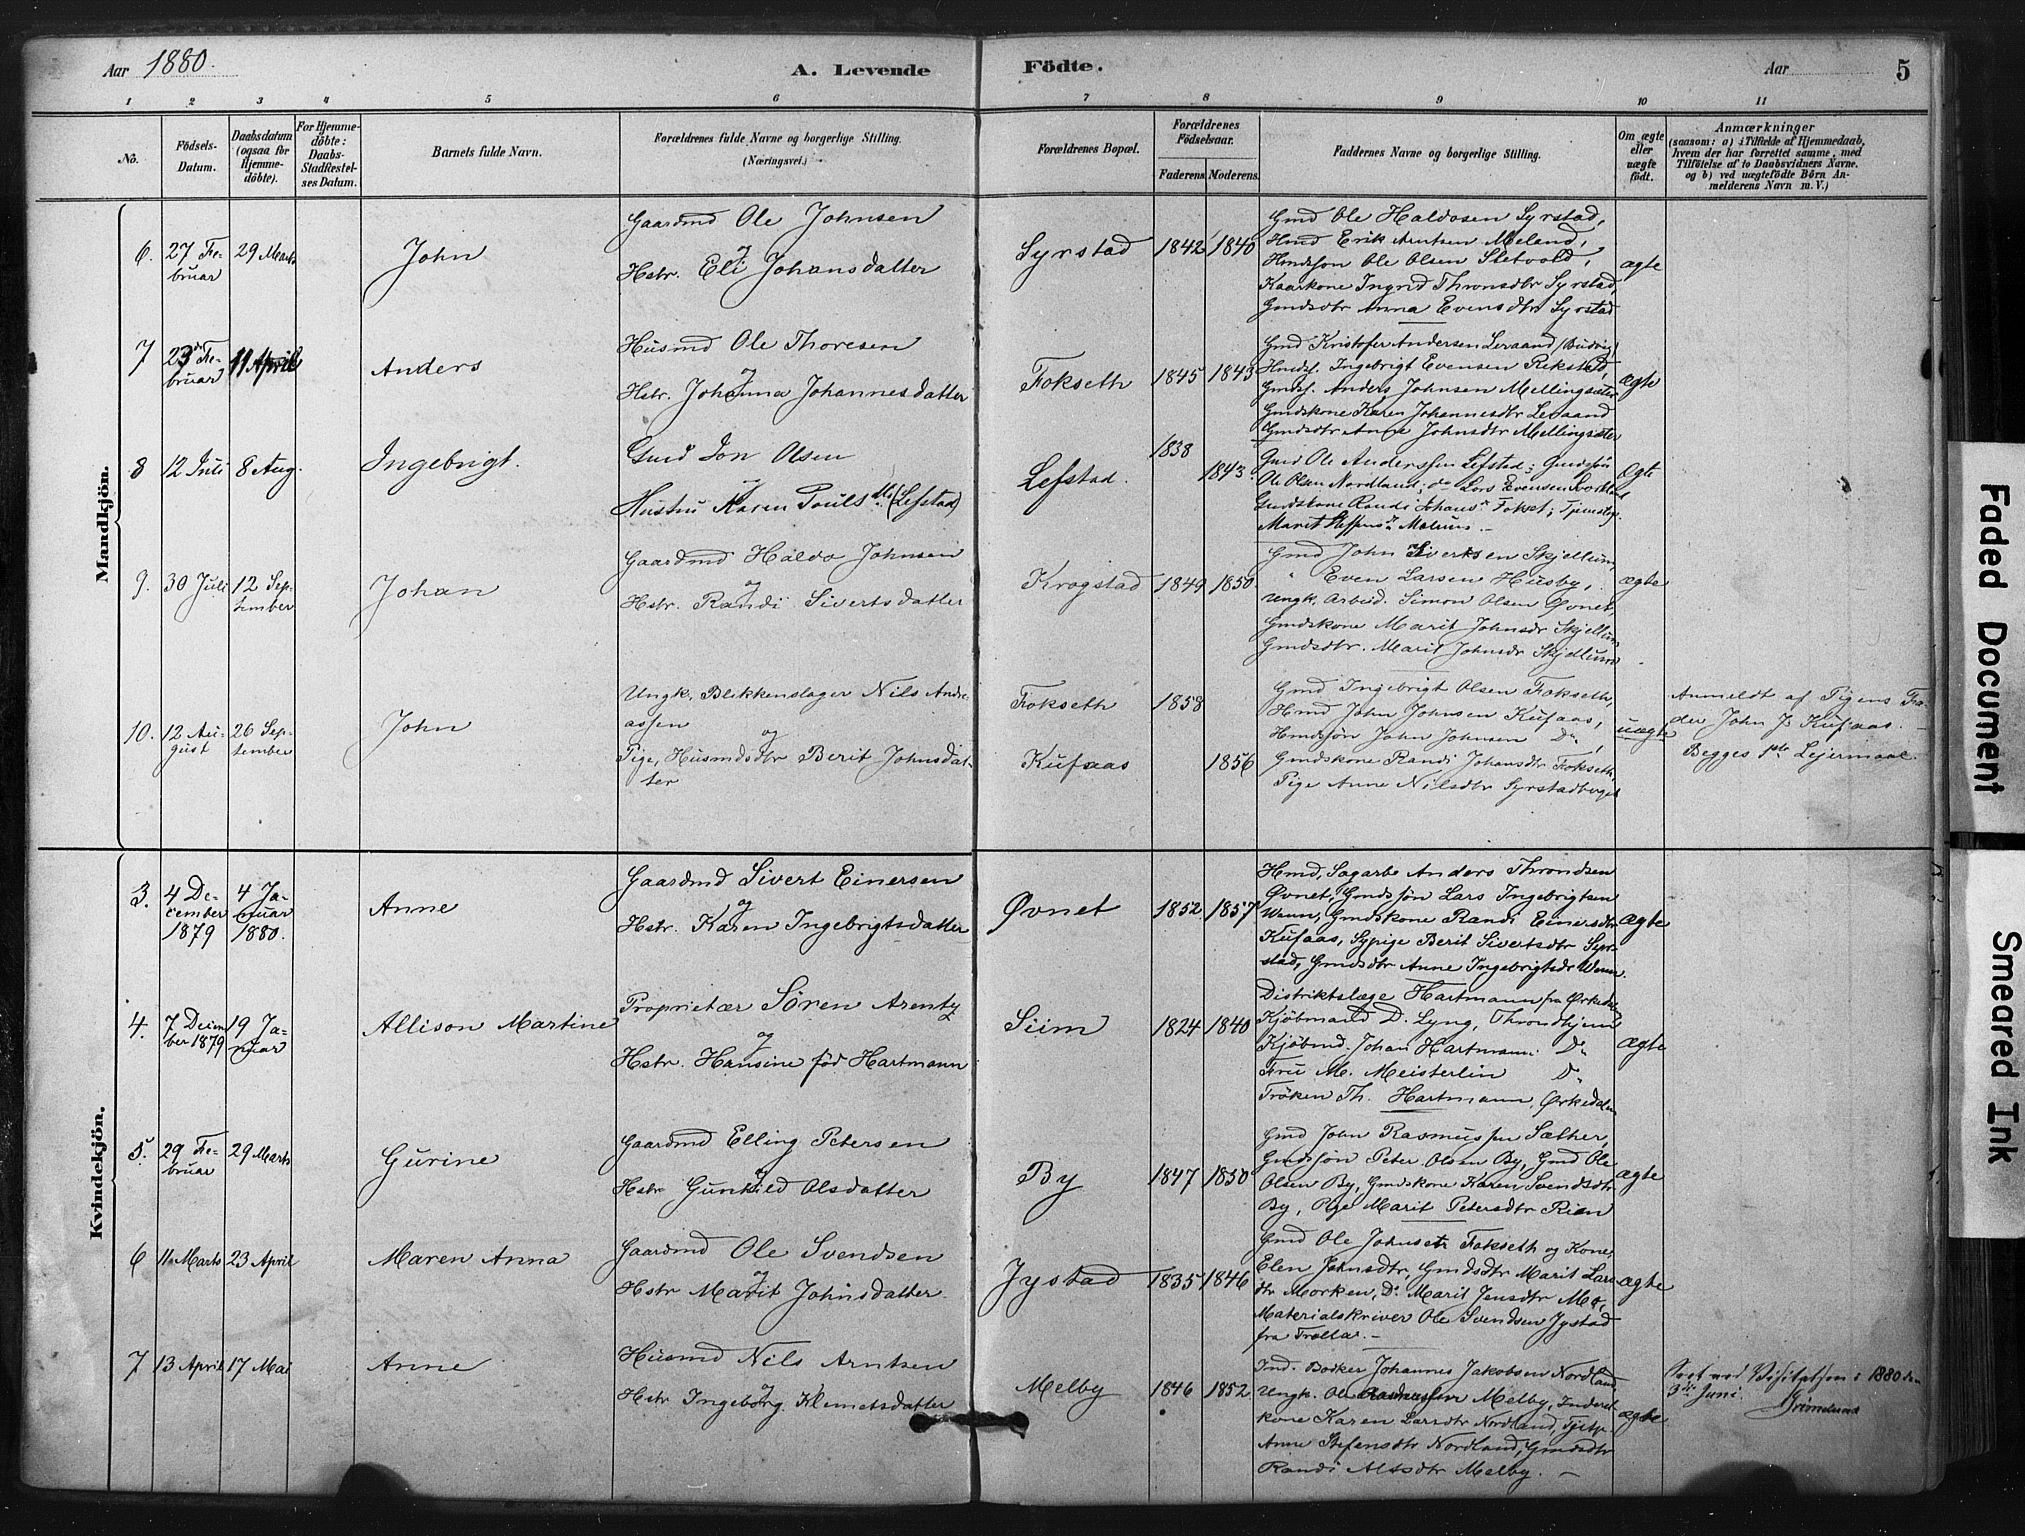 SAT, Ministerialprotokoller, klokkerbøker og fødselsregistre - Sør-Trøndelag, 667/L0795: Ministerialbok nr. 667A03, 1879-1907, s. 5